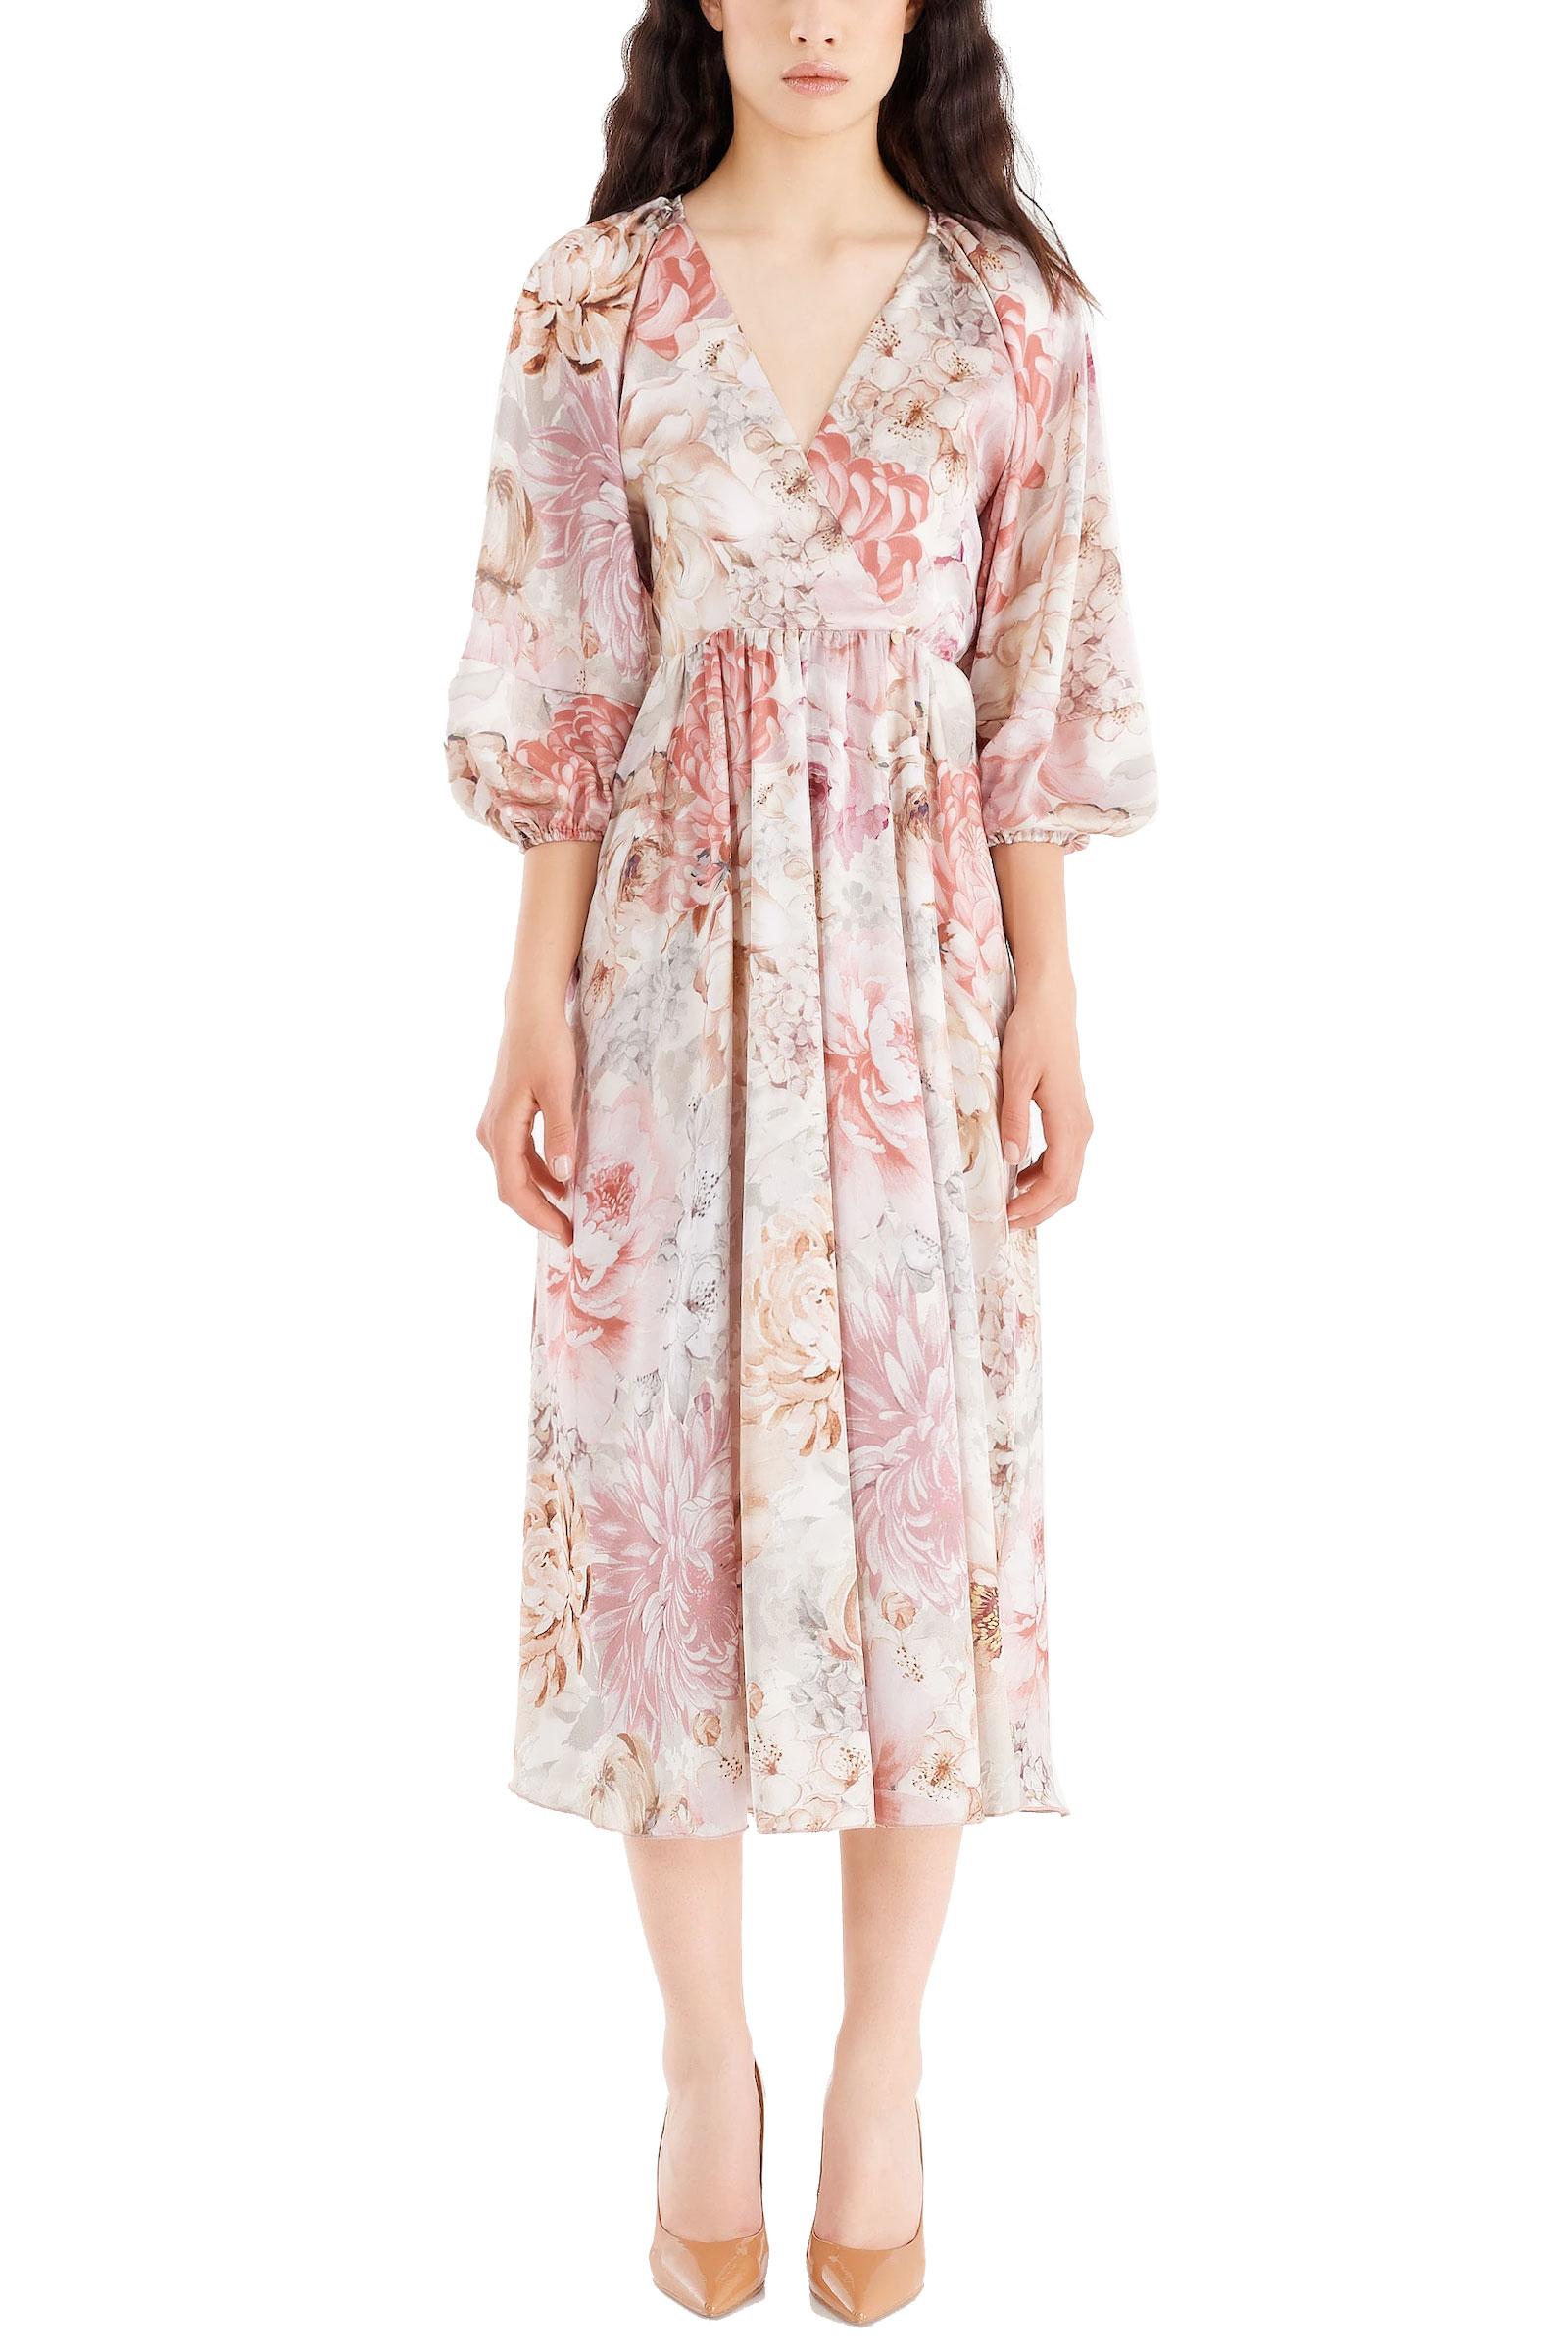 RINASCIMENTO | Dress | CFC0104739003B476